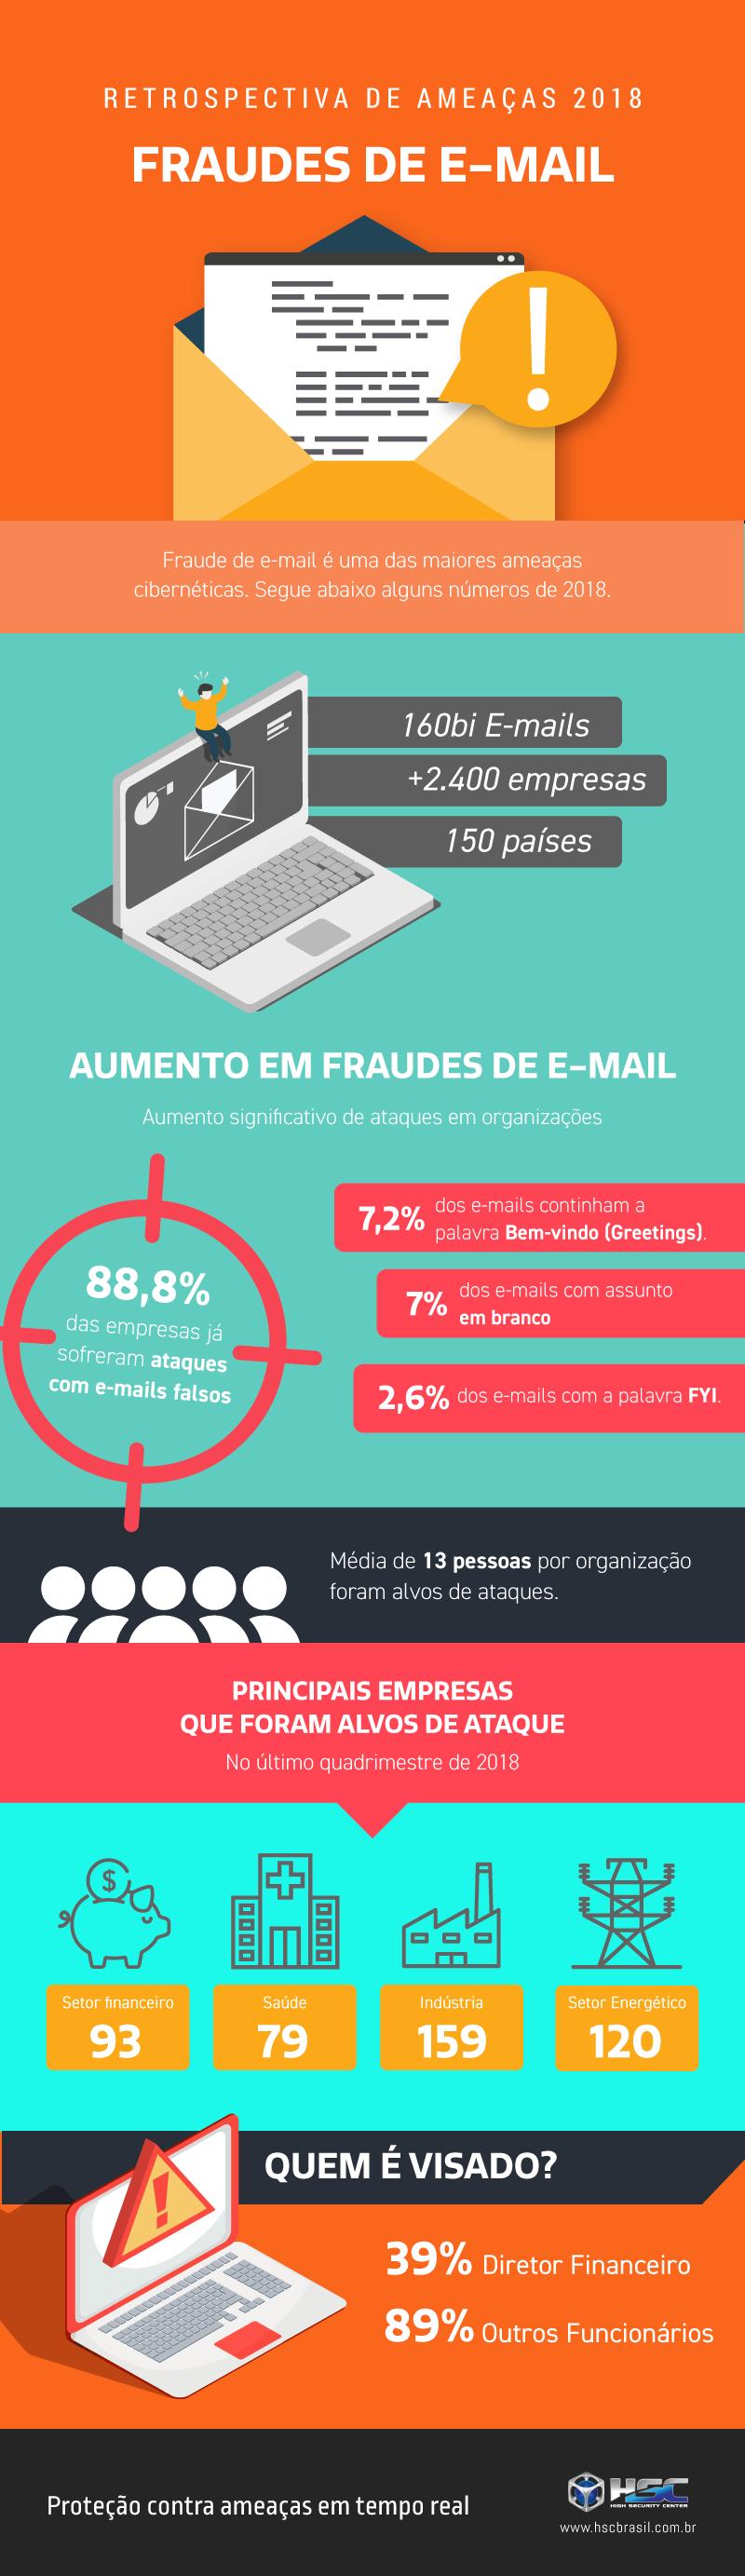 Infográfico sobre Fraude por E-mail